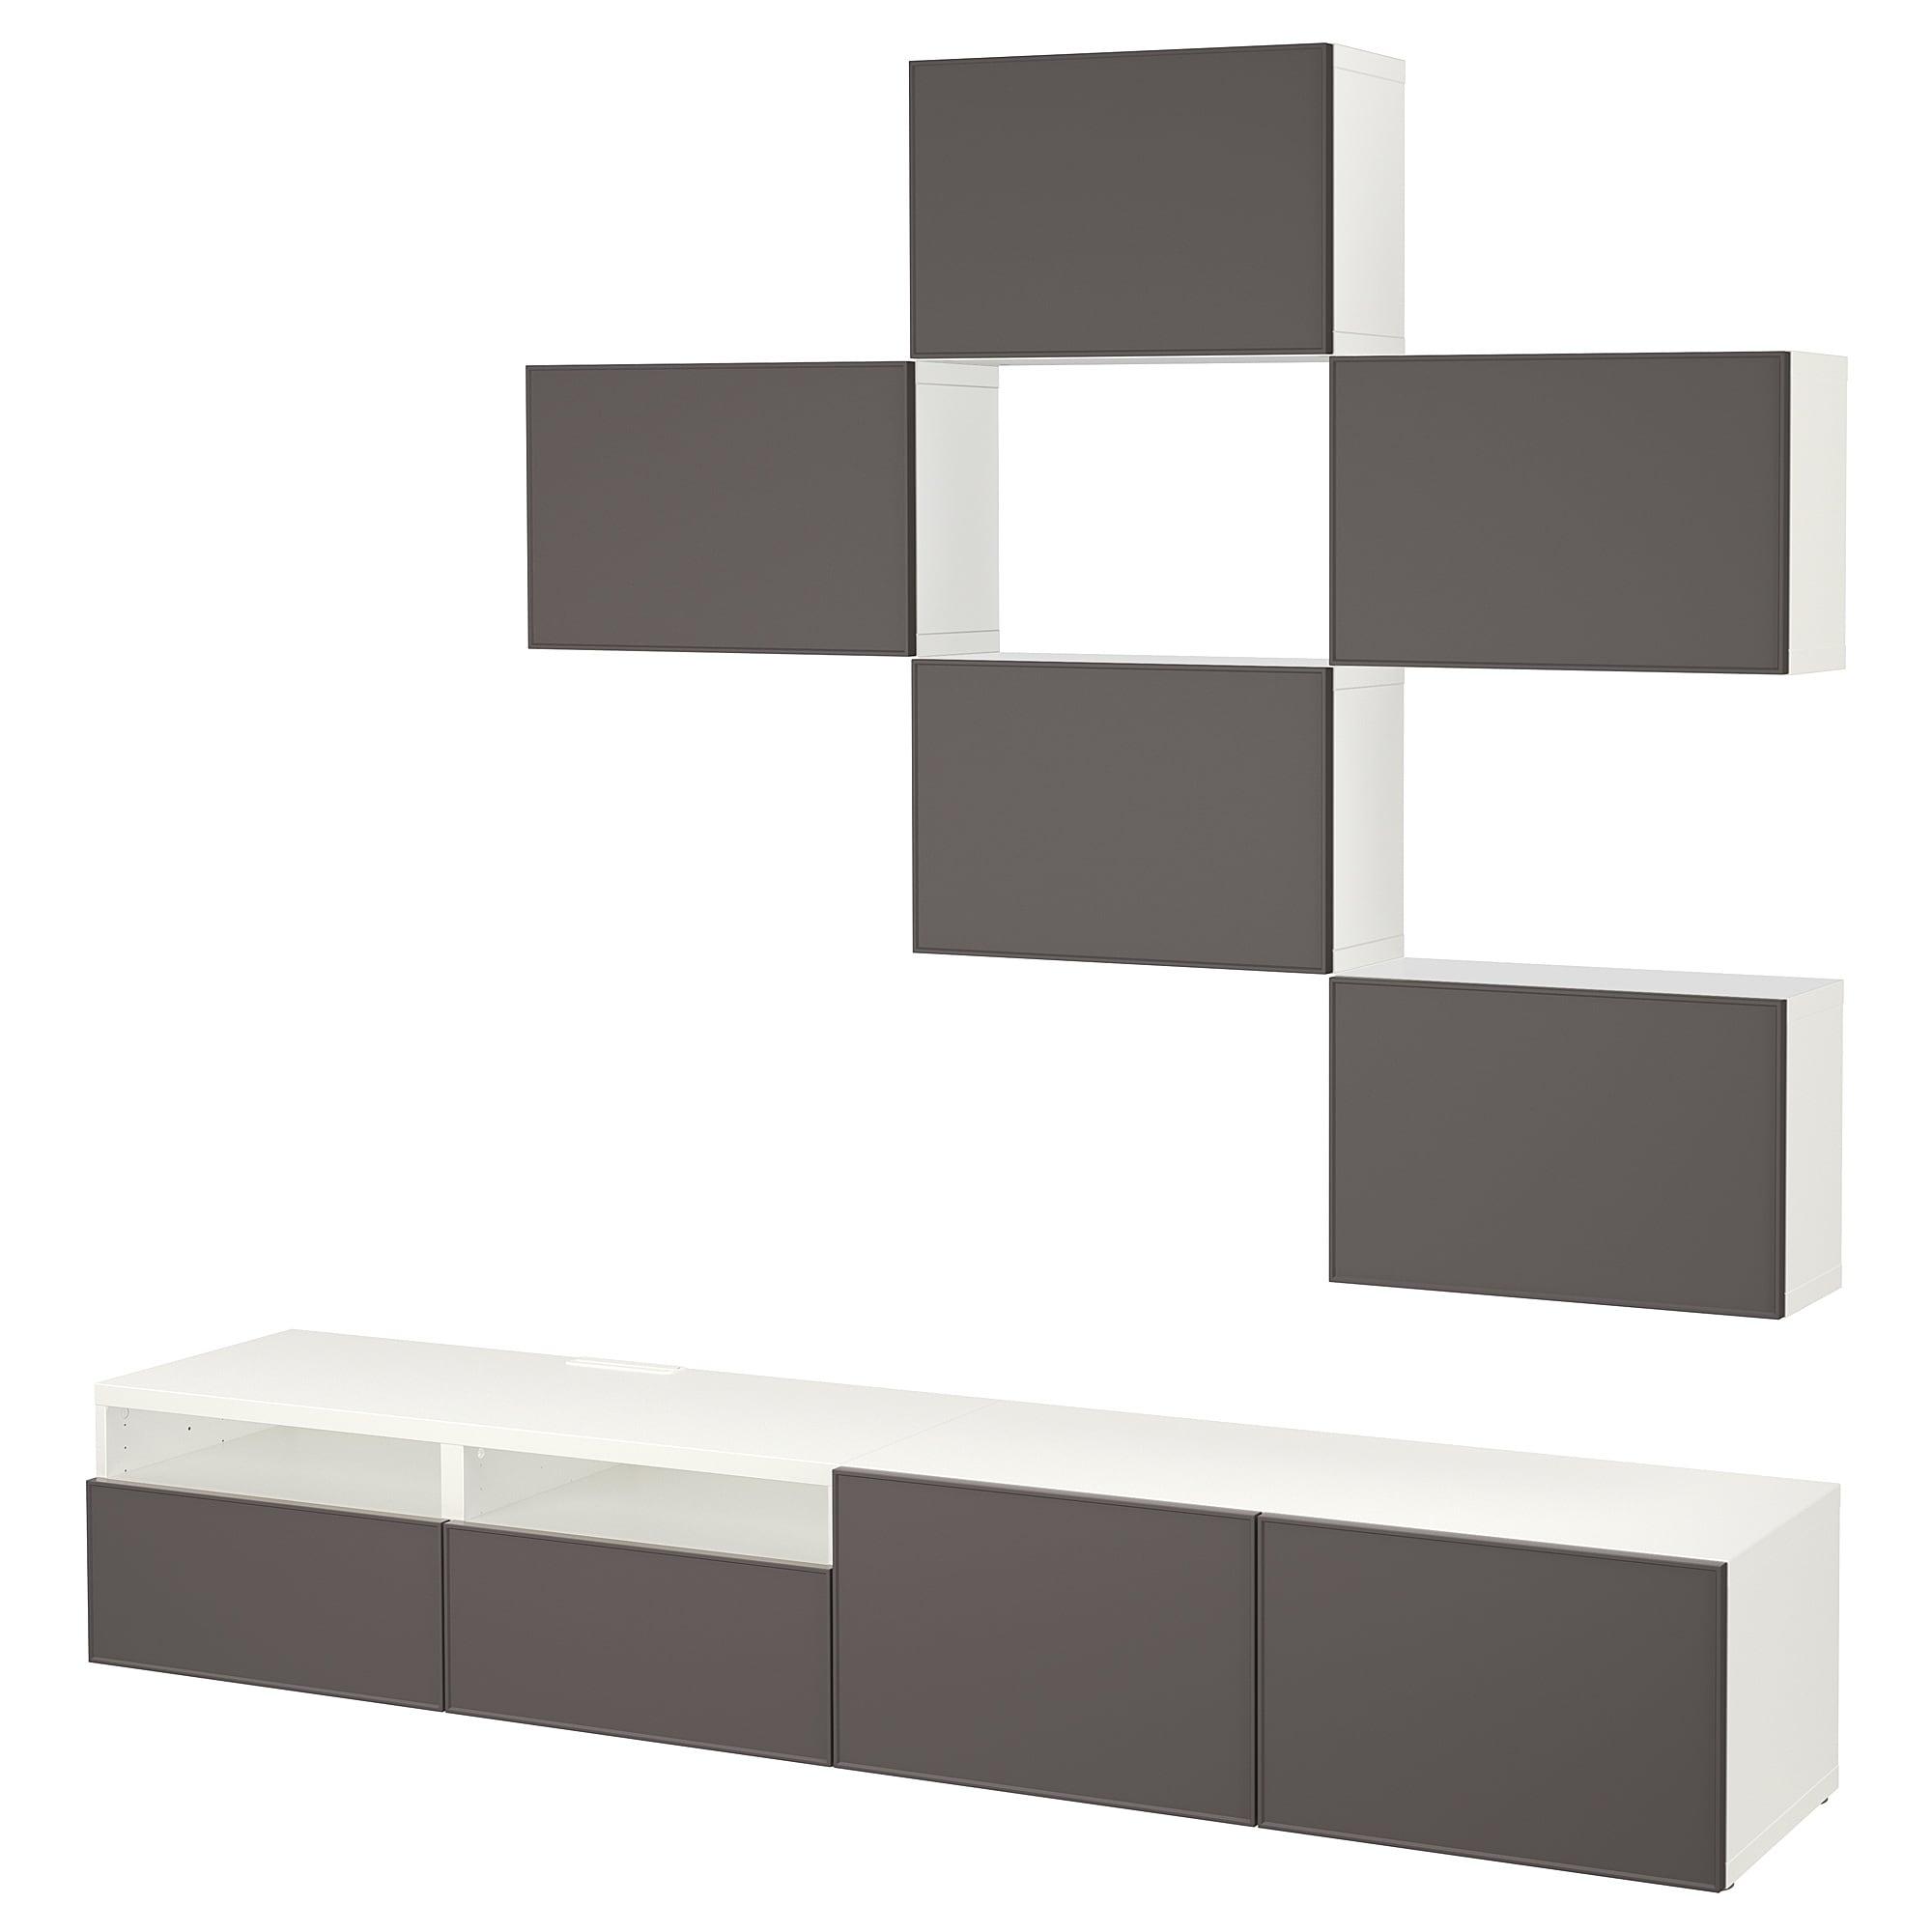 Шкаф для ТВ, комбинация БЕСТО темно-серый артикуль № 292.516.44 в наличии. Интернет сайт IKEA Республика Беларусь. Быстрая доставка и установка.